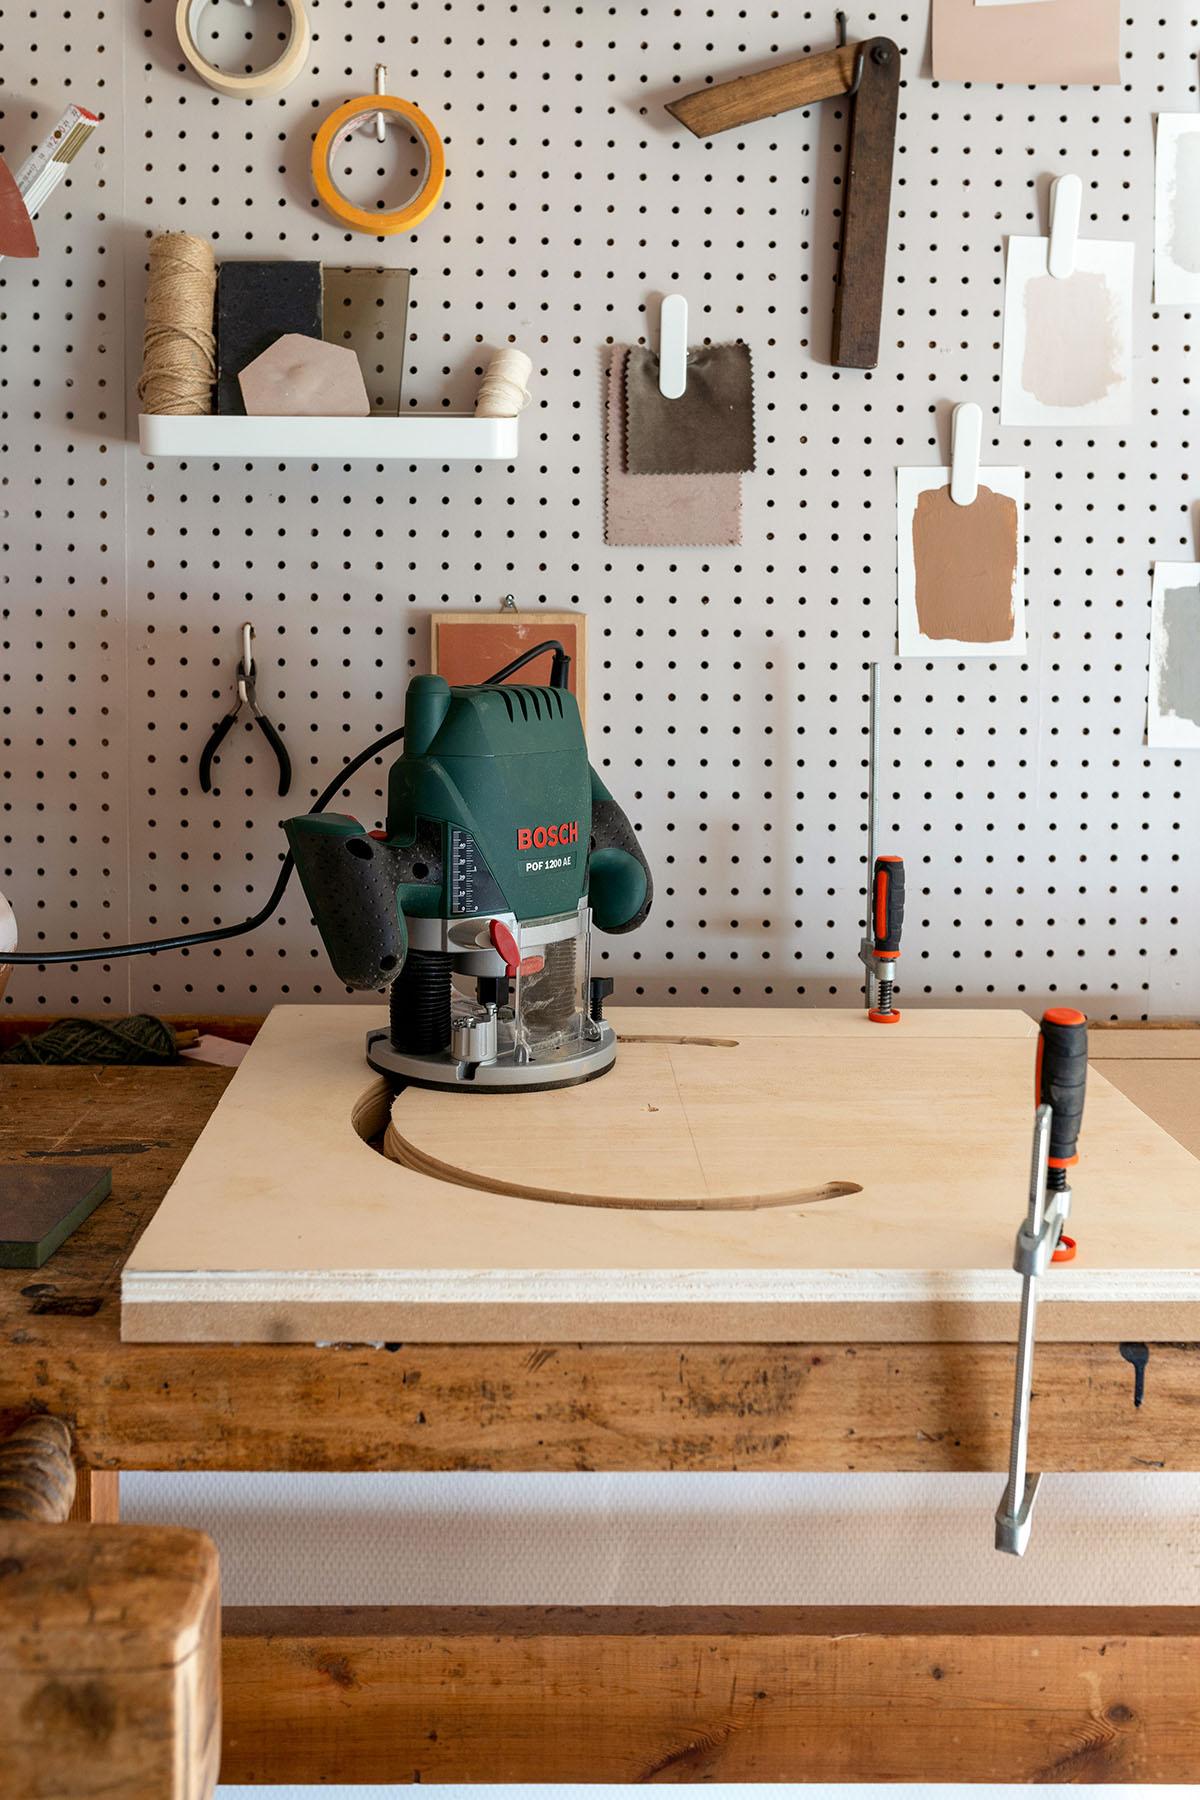 DIY kledingkast - Tanja van Hoogdalem